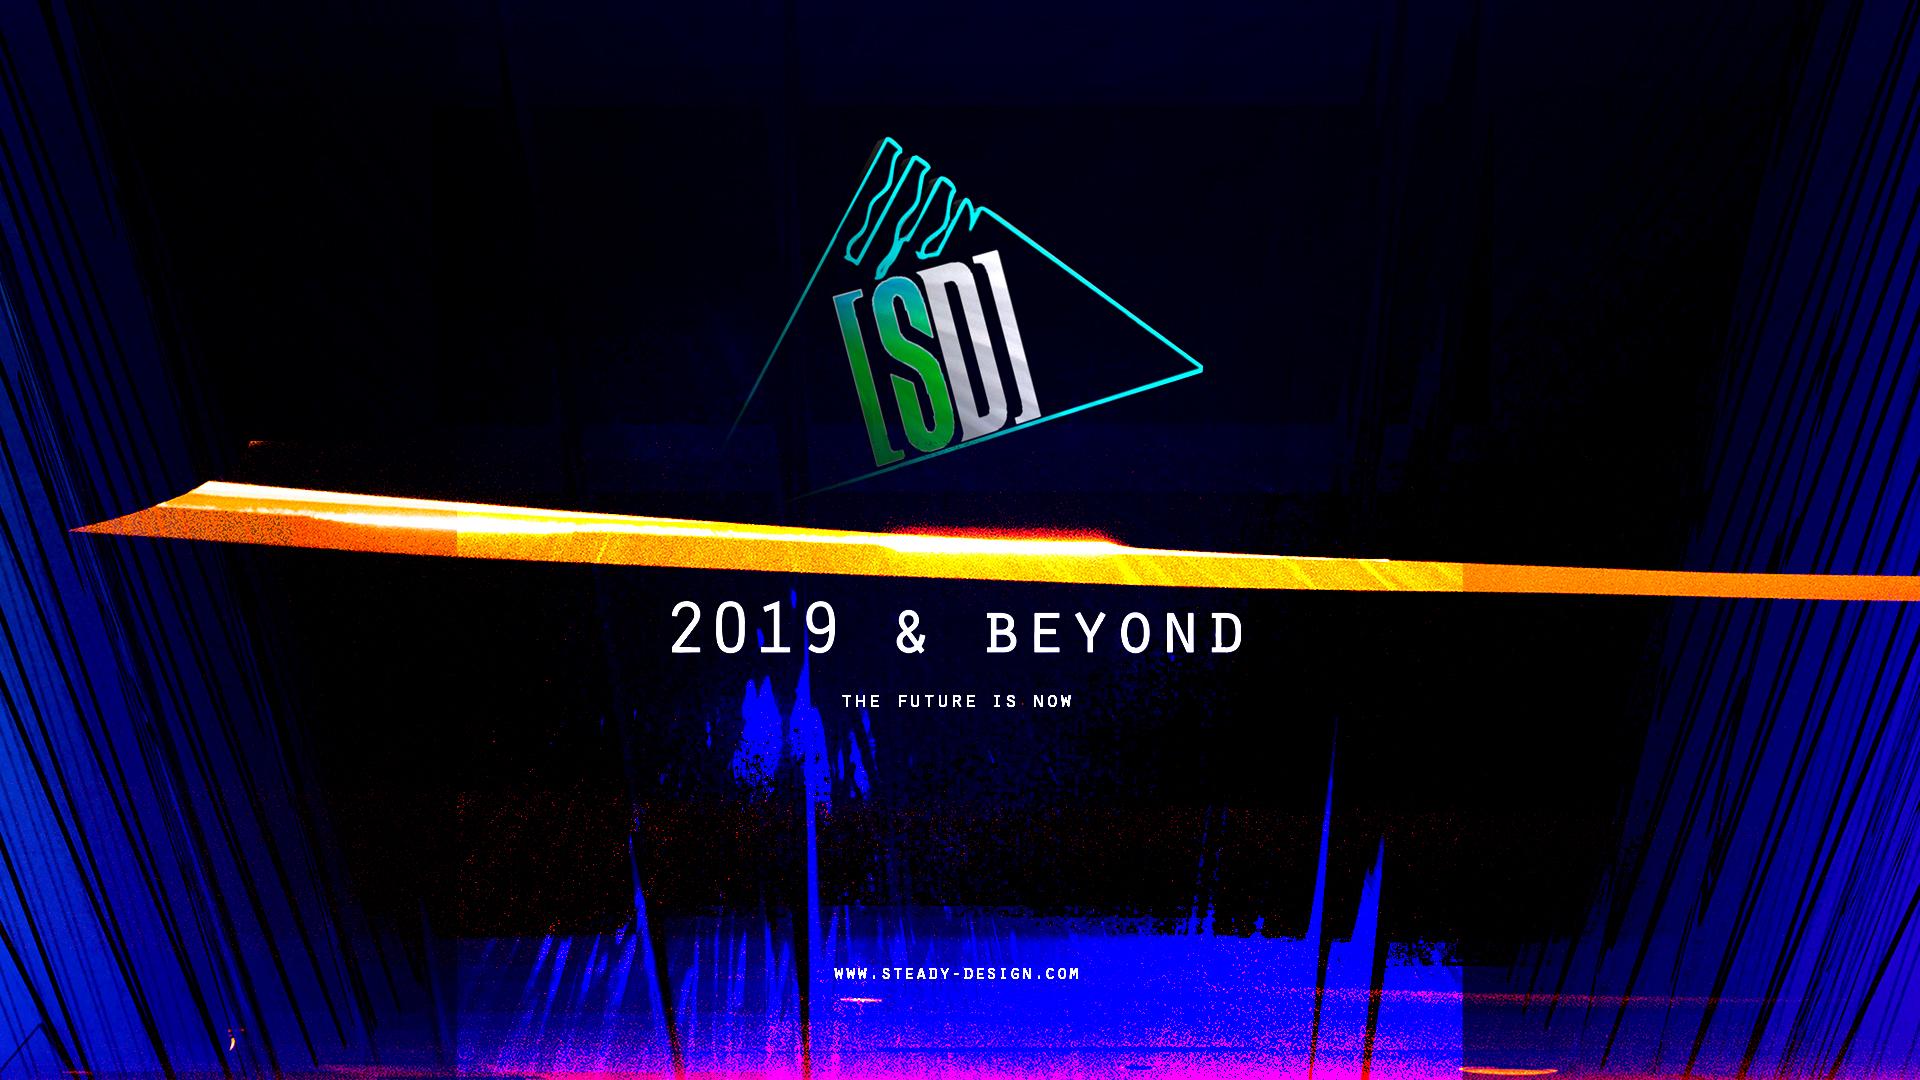 2019 and beyond